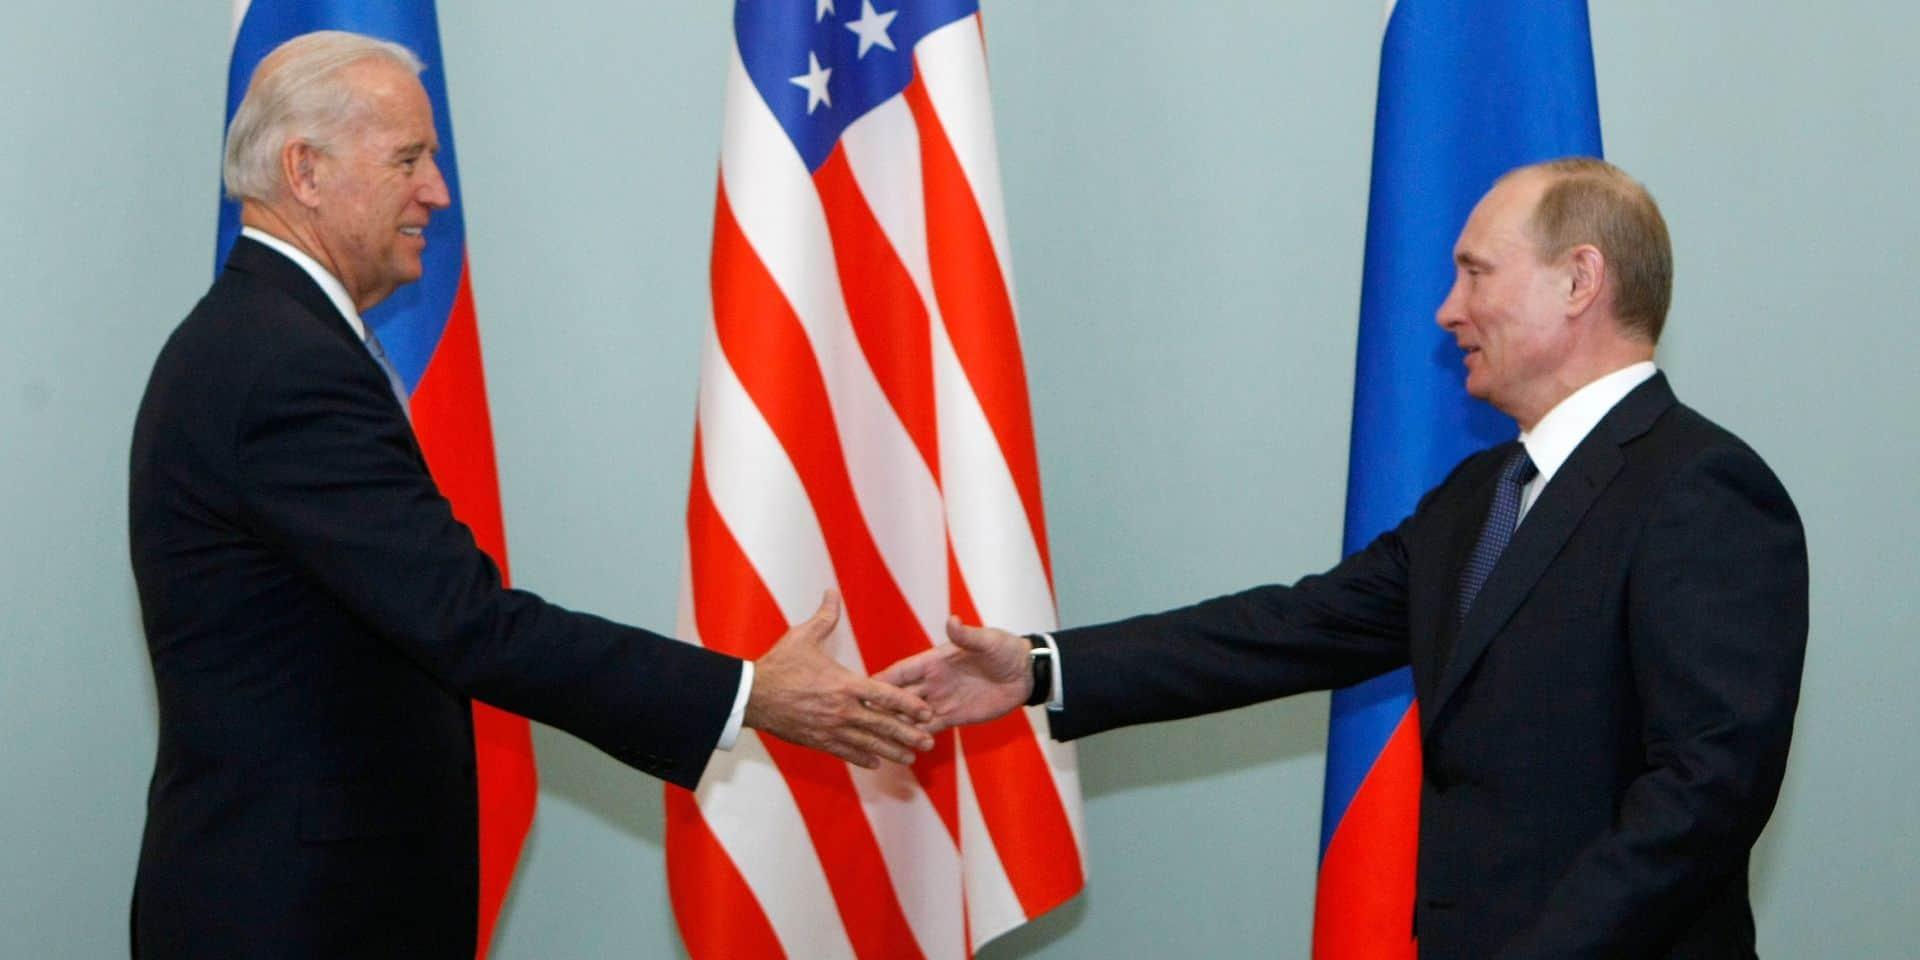 """Face aux tensions, Biden a proposé à Poutine un sommet dans """"un pays tiers"""" dans """"les prochains mois"""""""